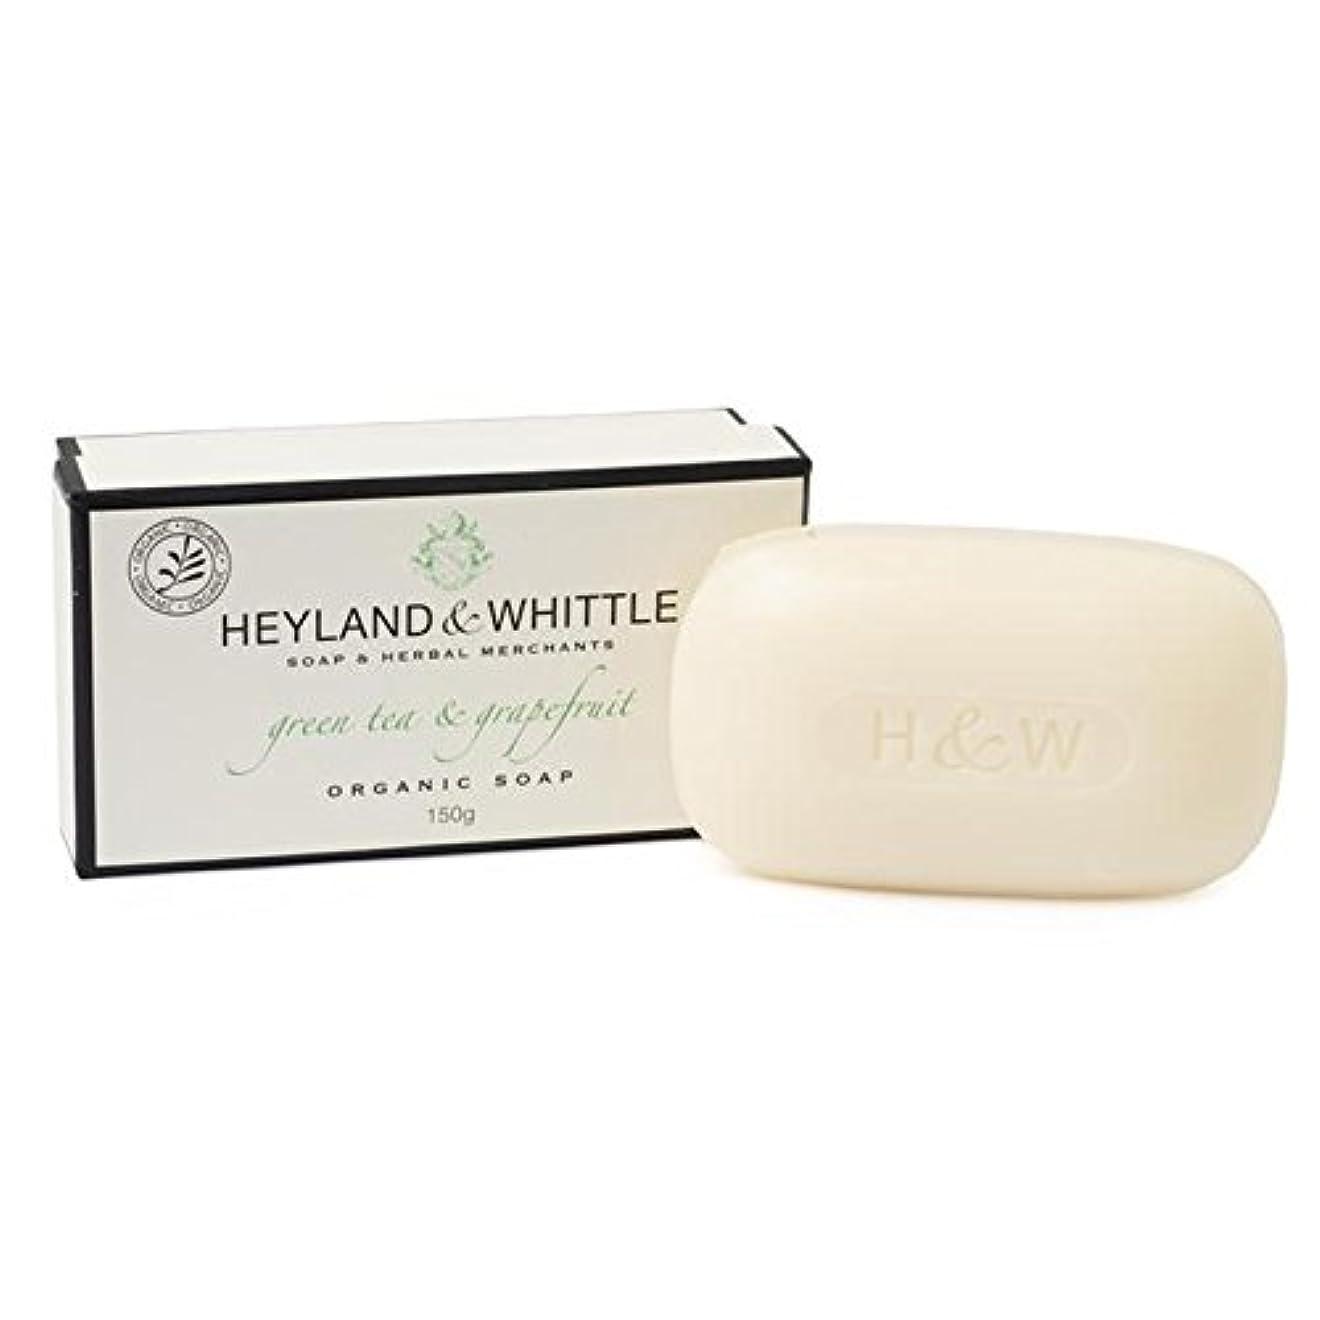 行方不明適性訴える&削る緑茶&グレープフルーツはオーガニックソープ150グラム箱入り x4 - Heyland & Whittle Green Tea & Grapefruit Boxed Organic Soap 150g (Pack of 4) [並行輸入品]